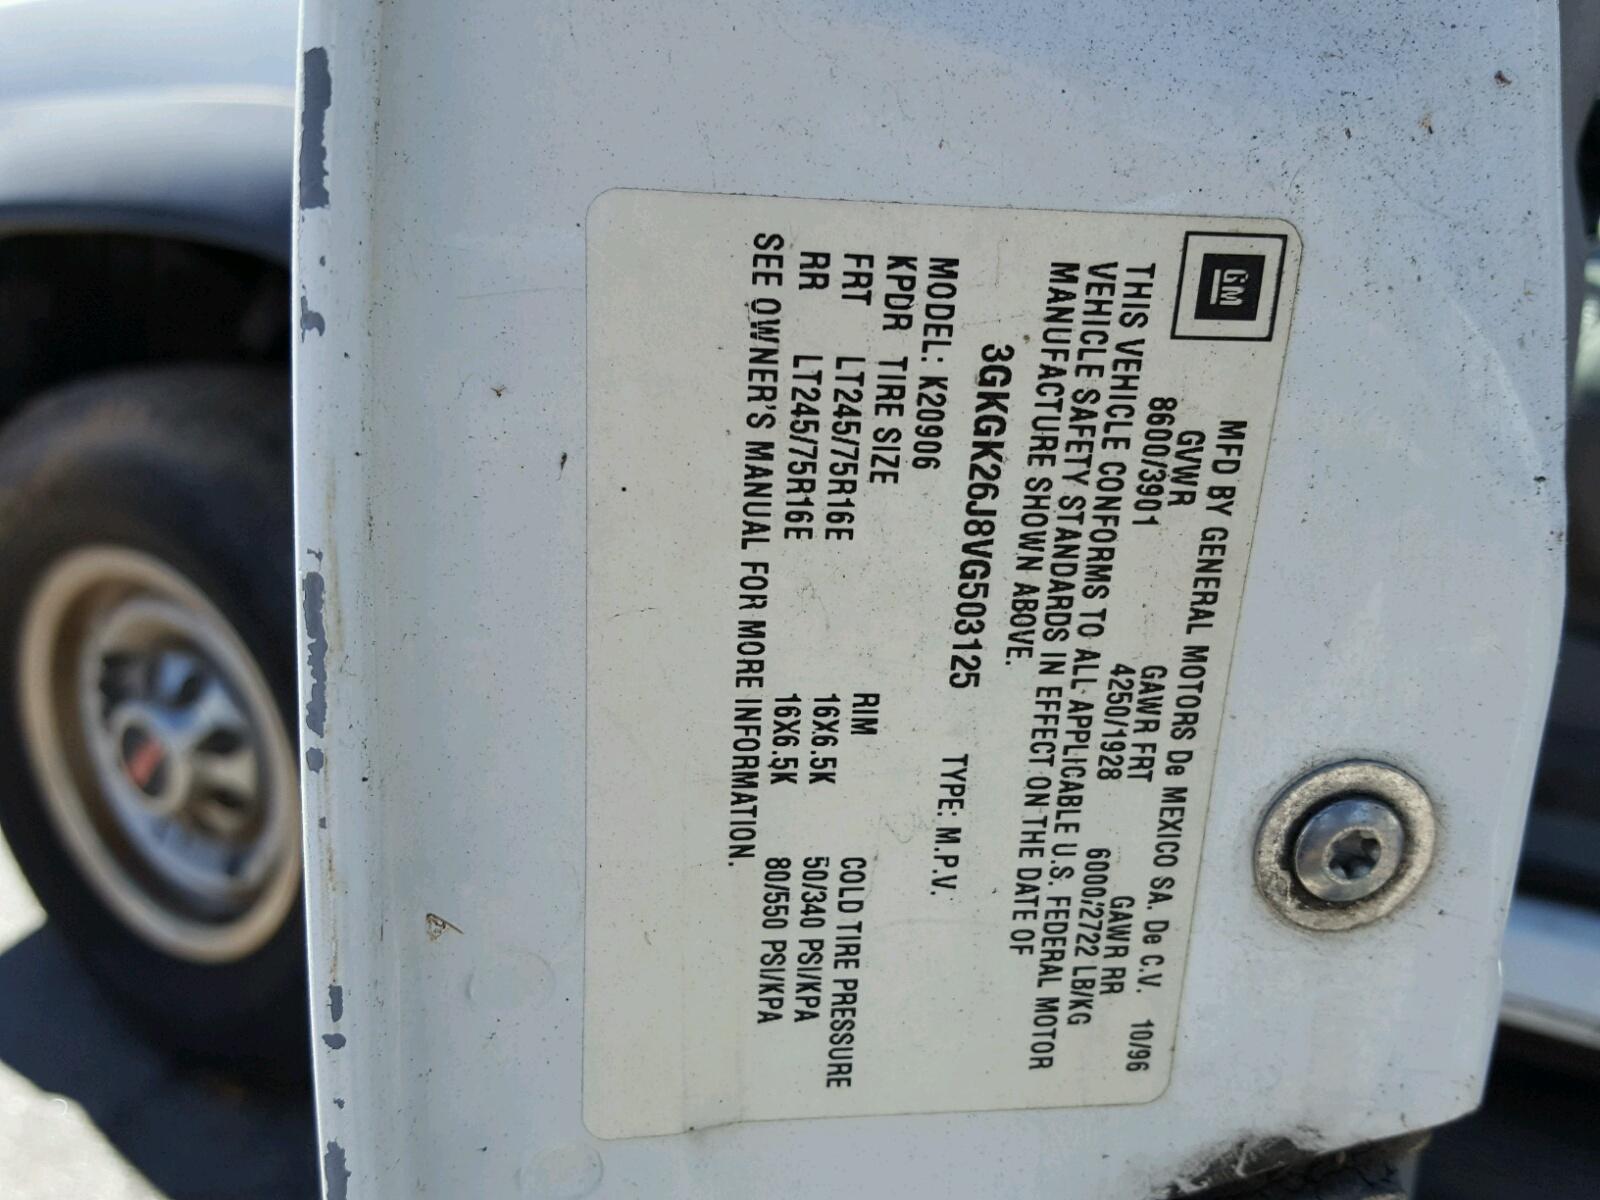 ... 3GKGK26J8VG503125 - 1997 Gmc Suburban K 7.4L